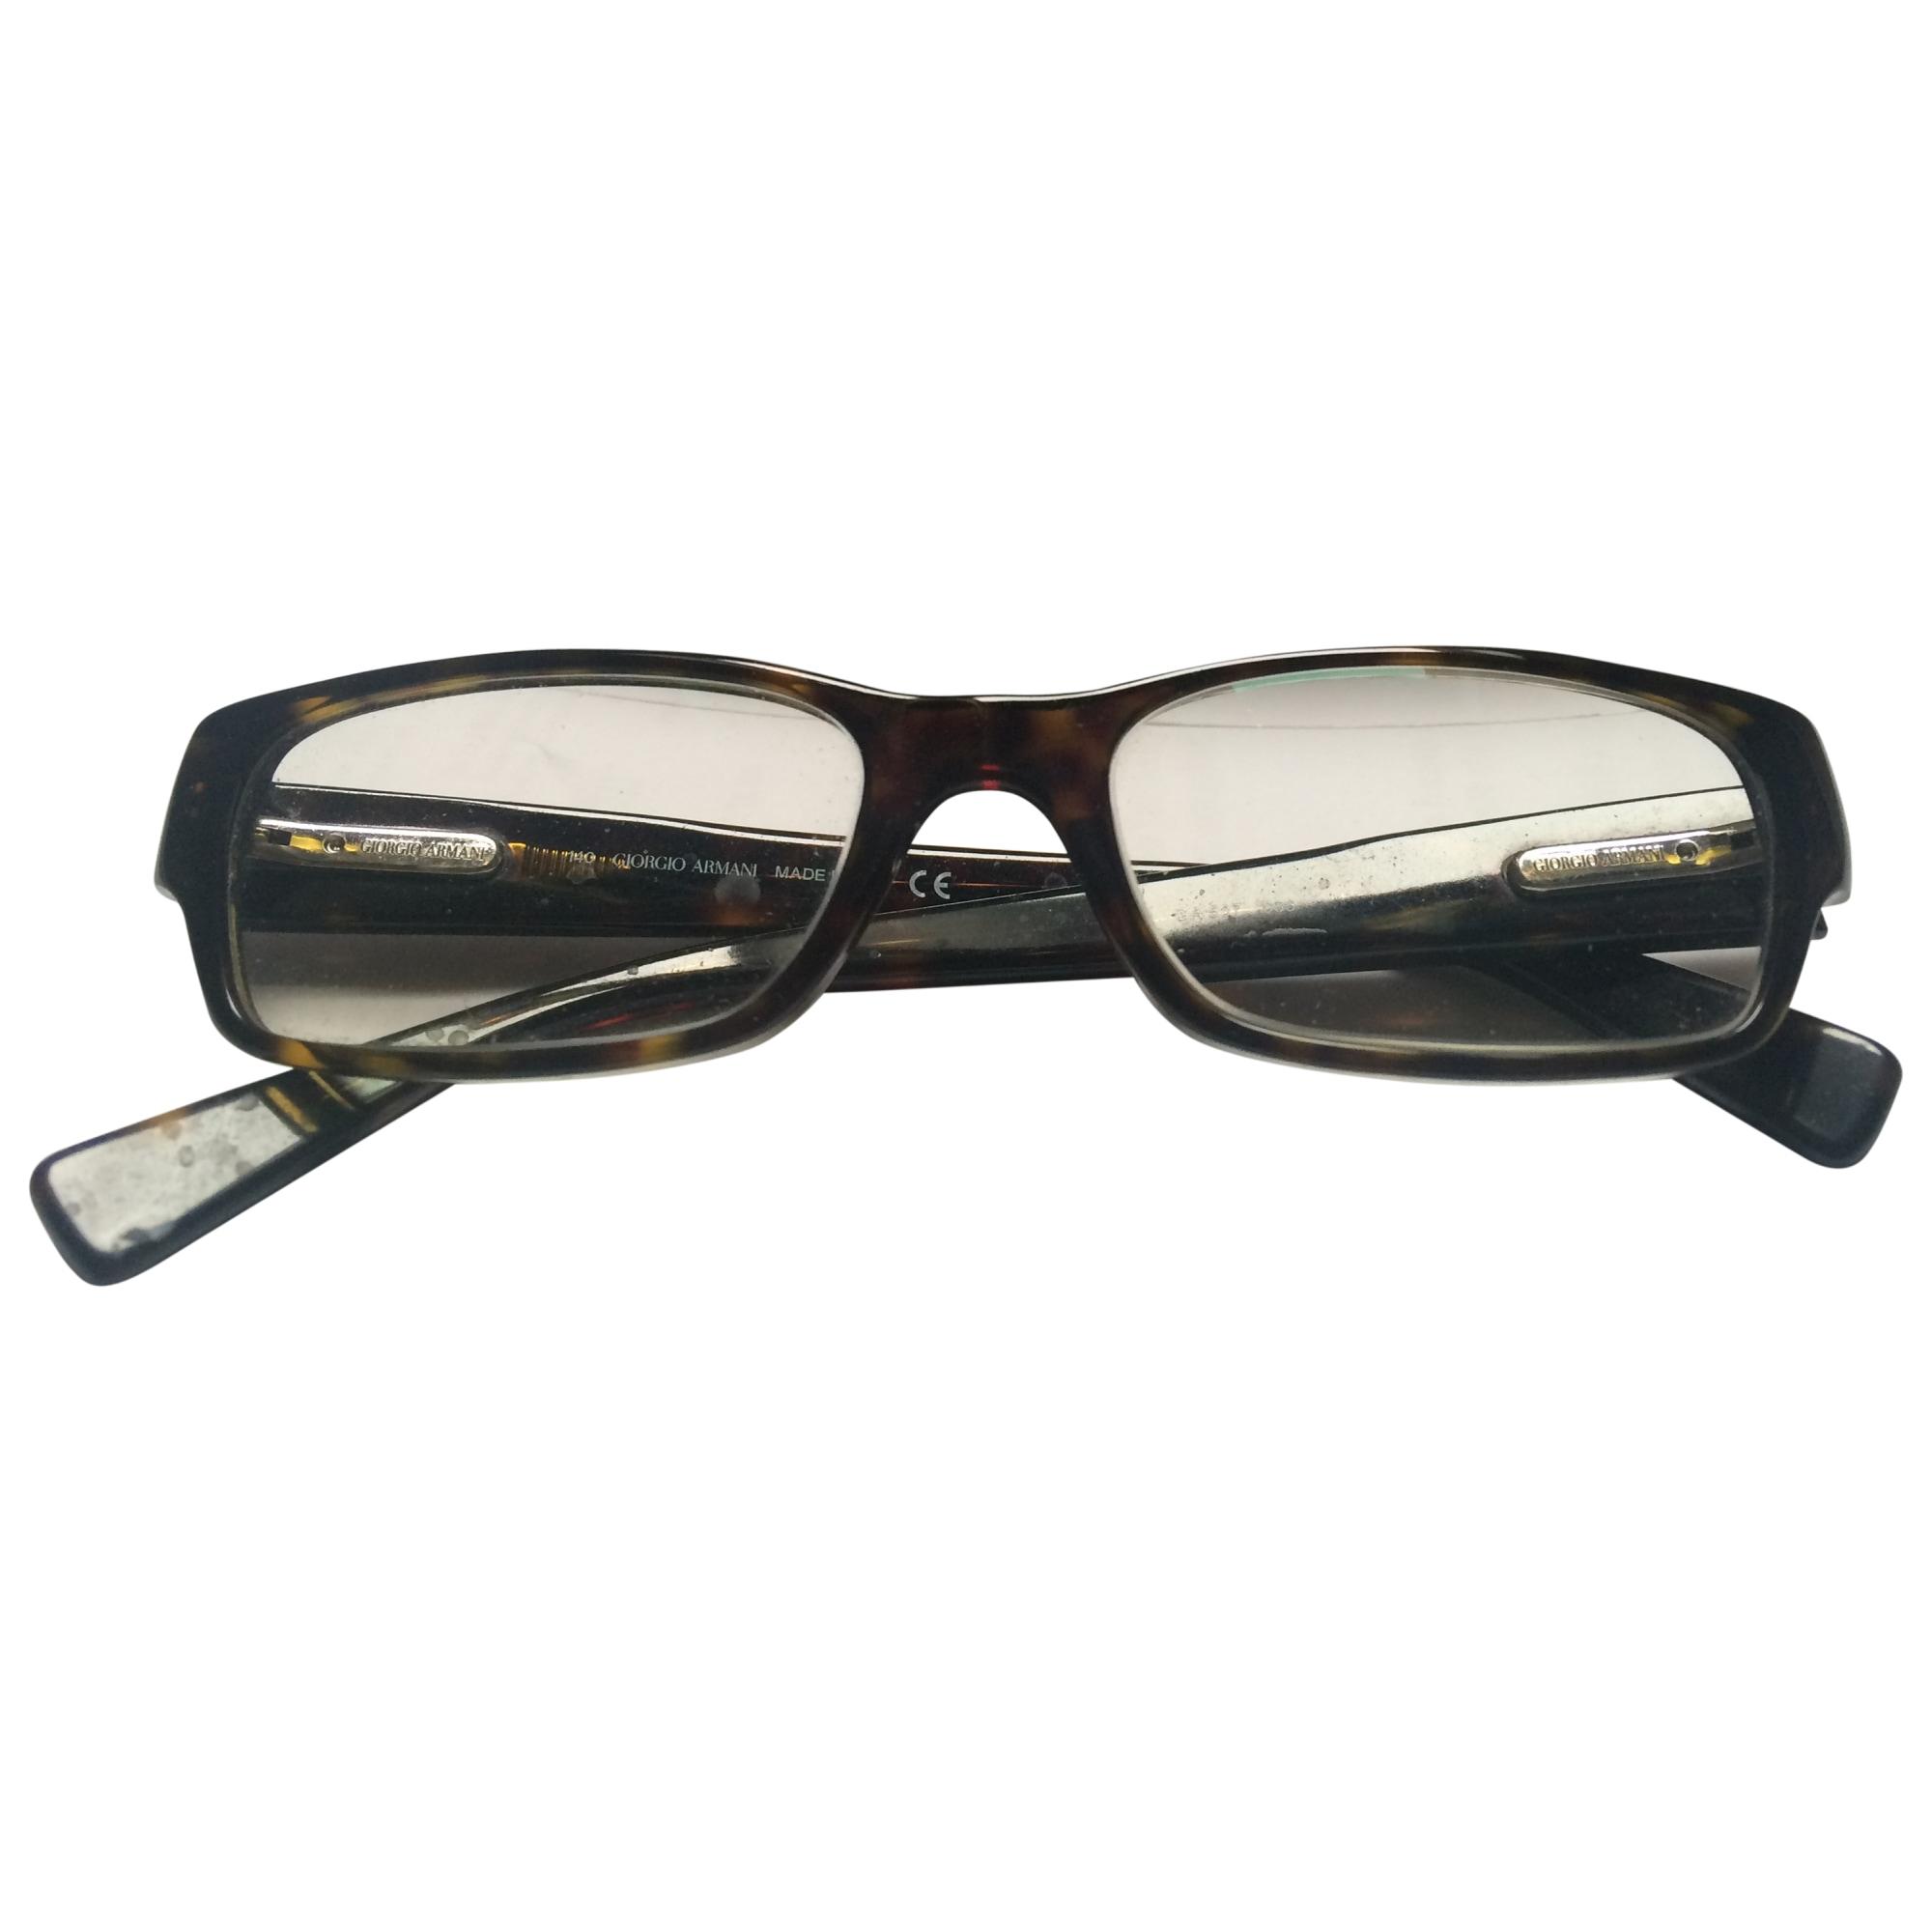 nouveau produit 06713 a1c71 Monture de lunettes